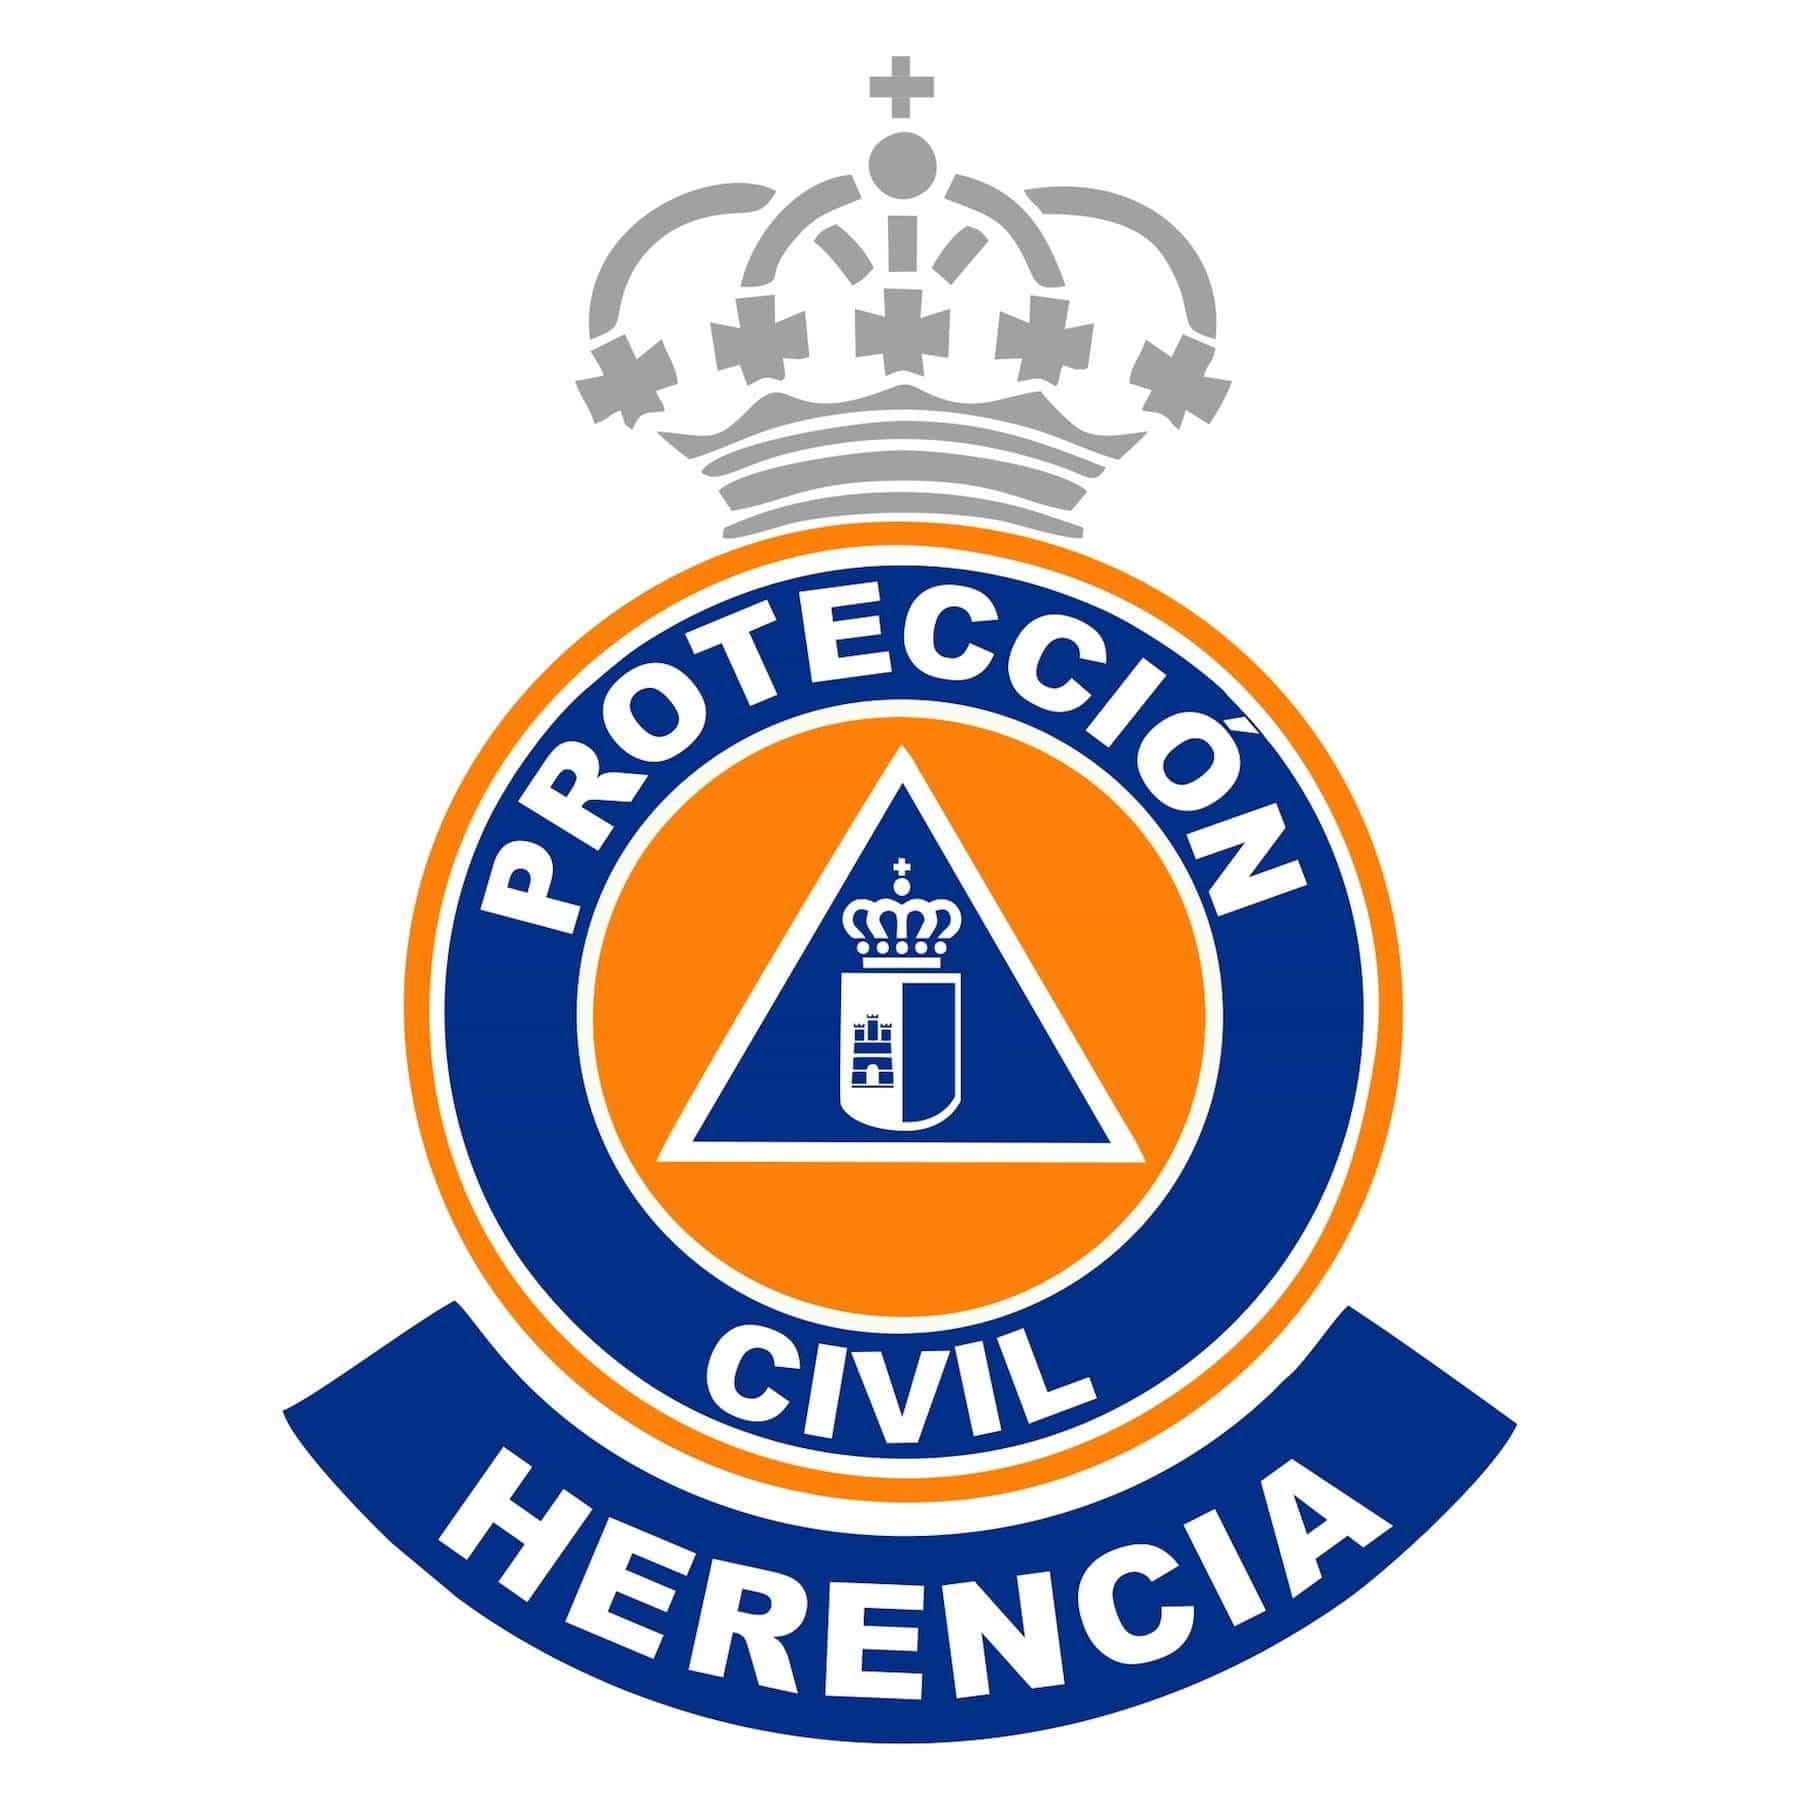 La Junta destina un equipo electrógeno y complementos para Protección Civil de Herencia 5